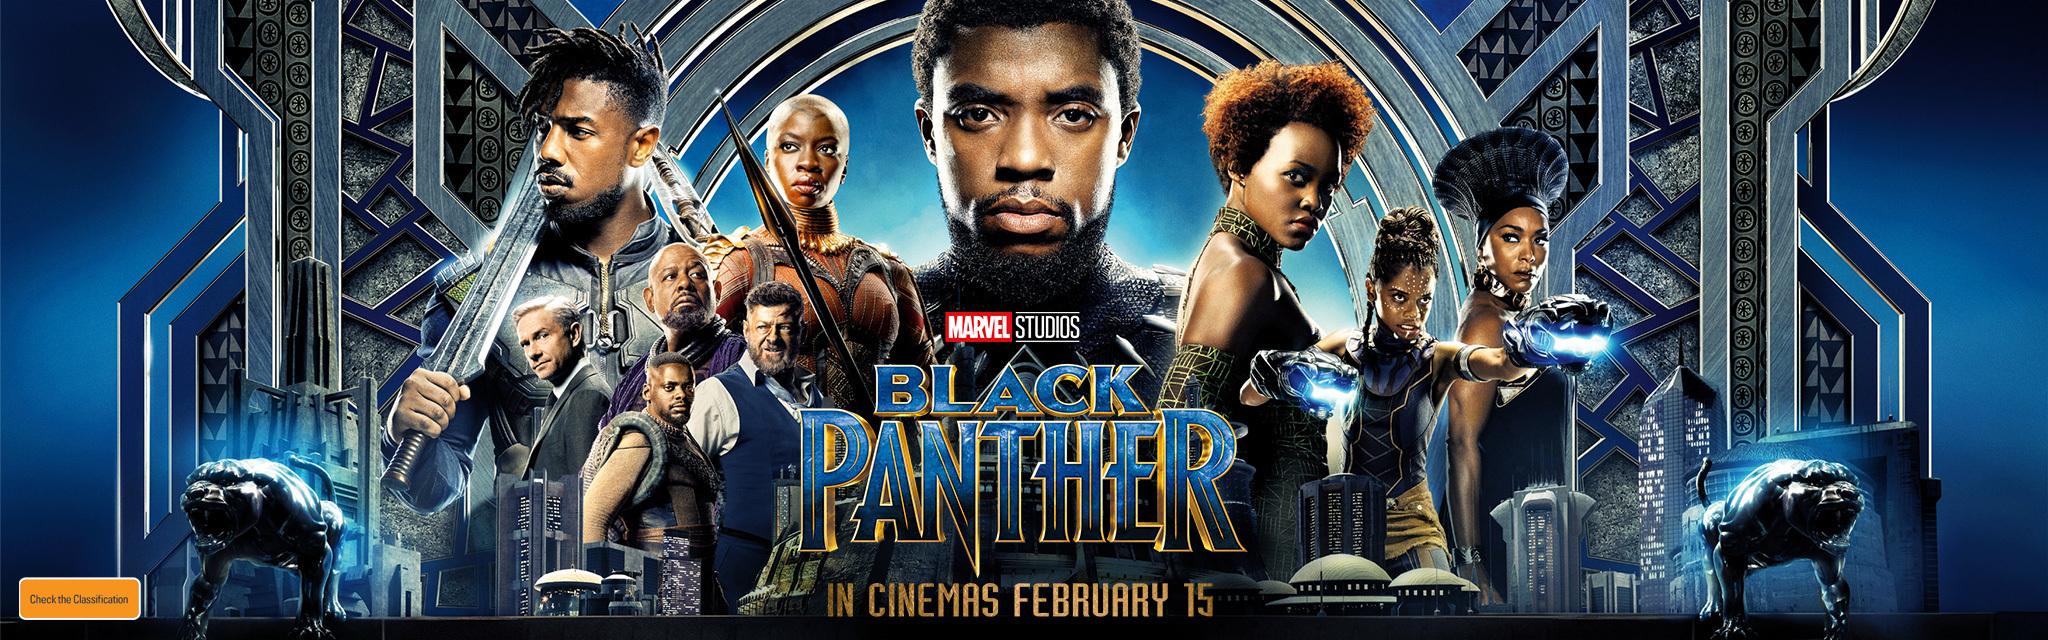 [블랙 팬서 Black Panther] 후기 - #67 영화 [블랙...